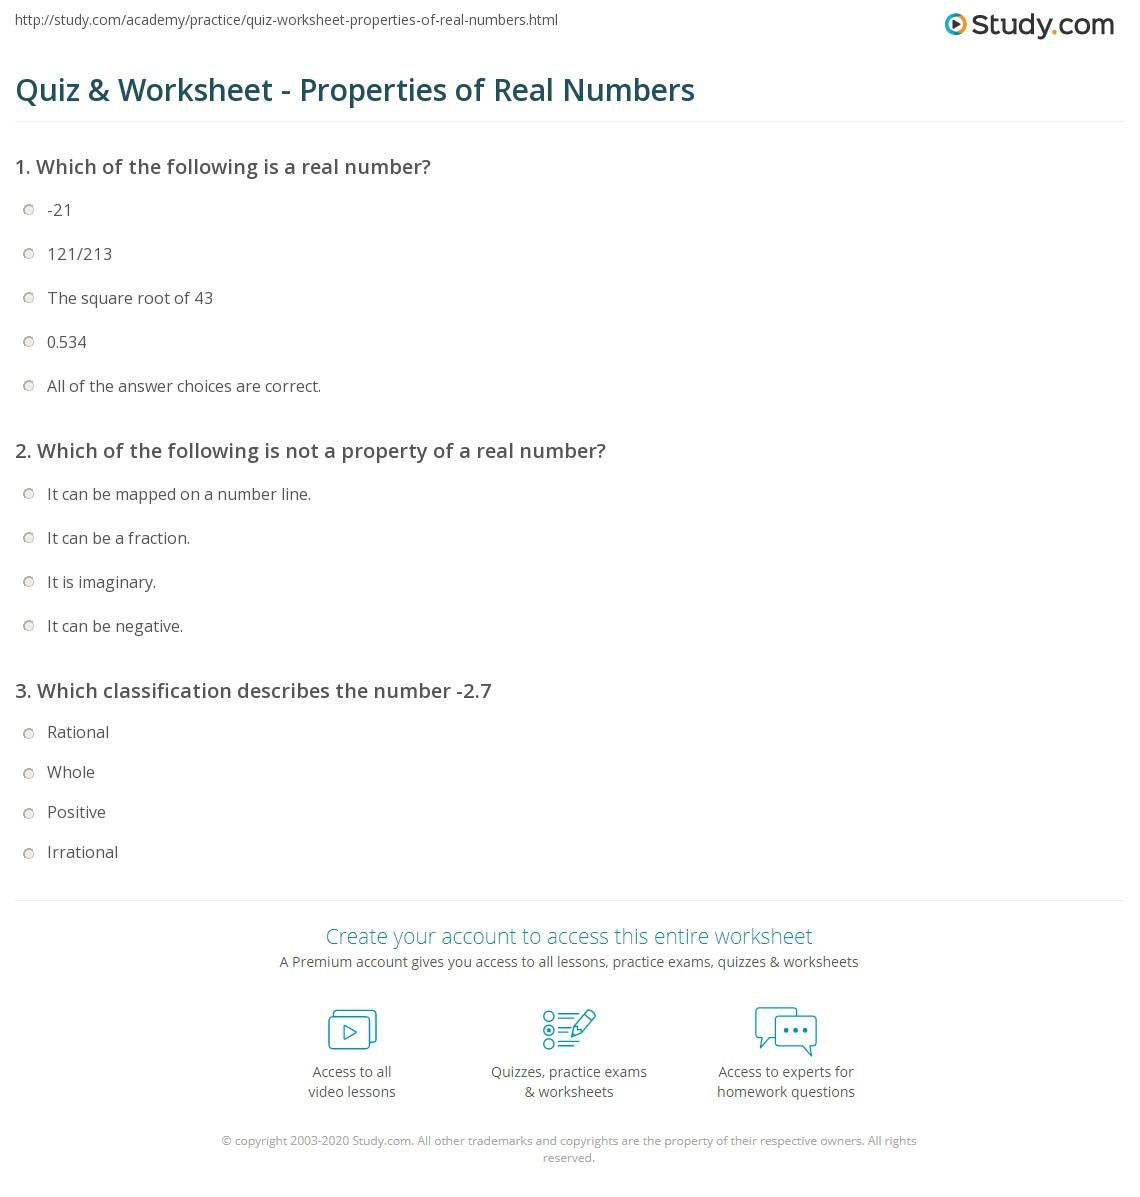 Quiz & Worksheet Properties of Real Numbers